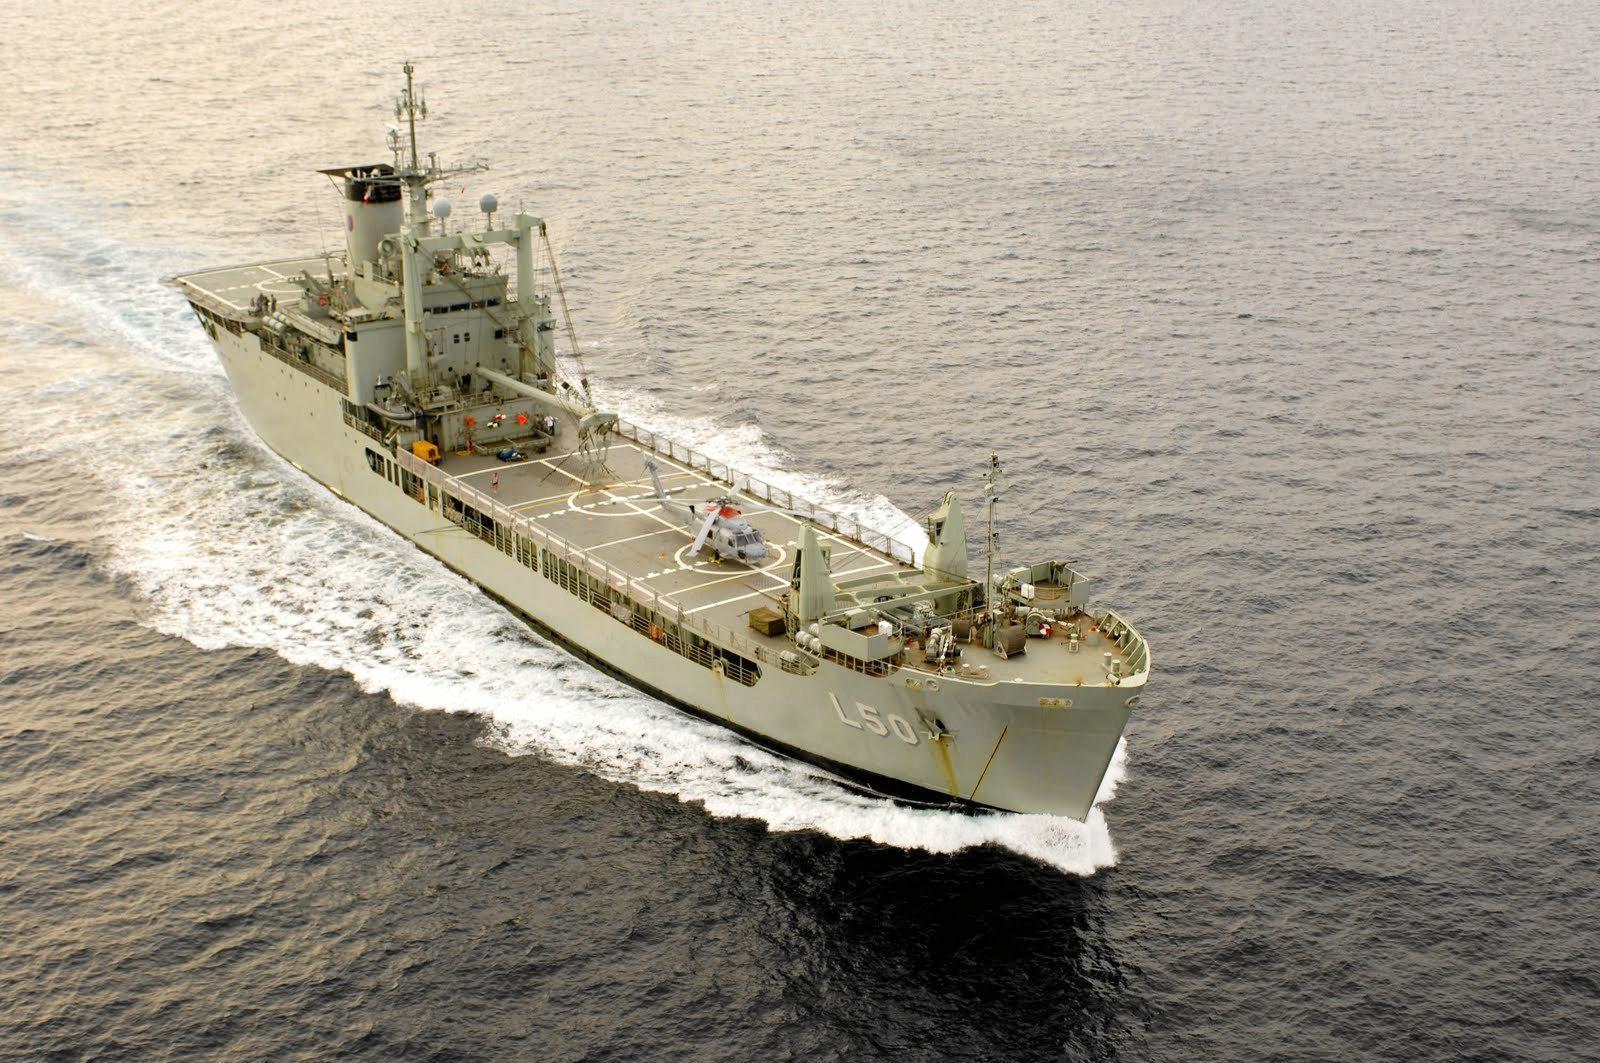 Ex-HMAS Tobruk will be scuttled in June.